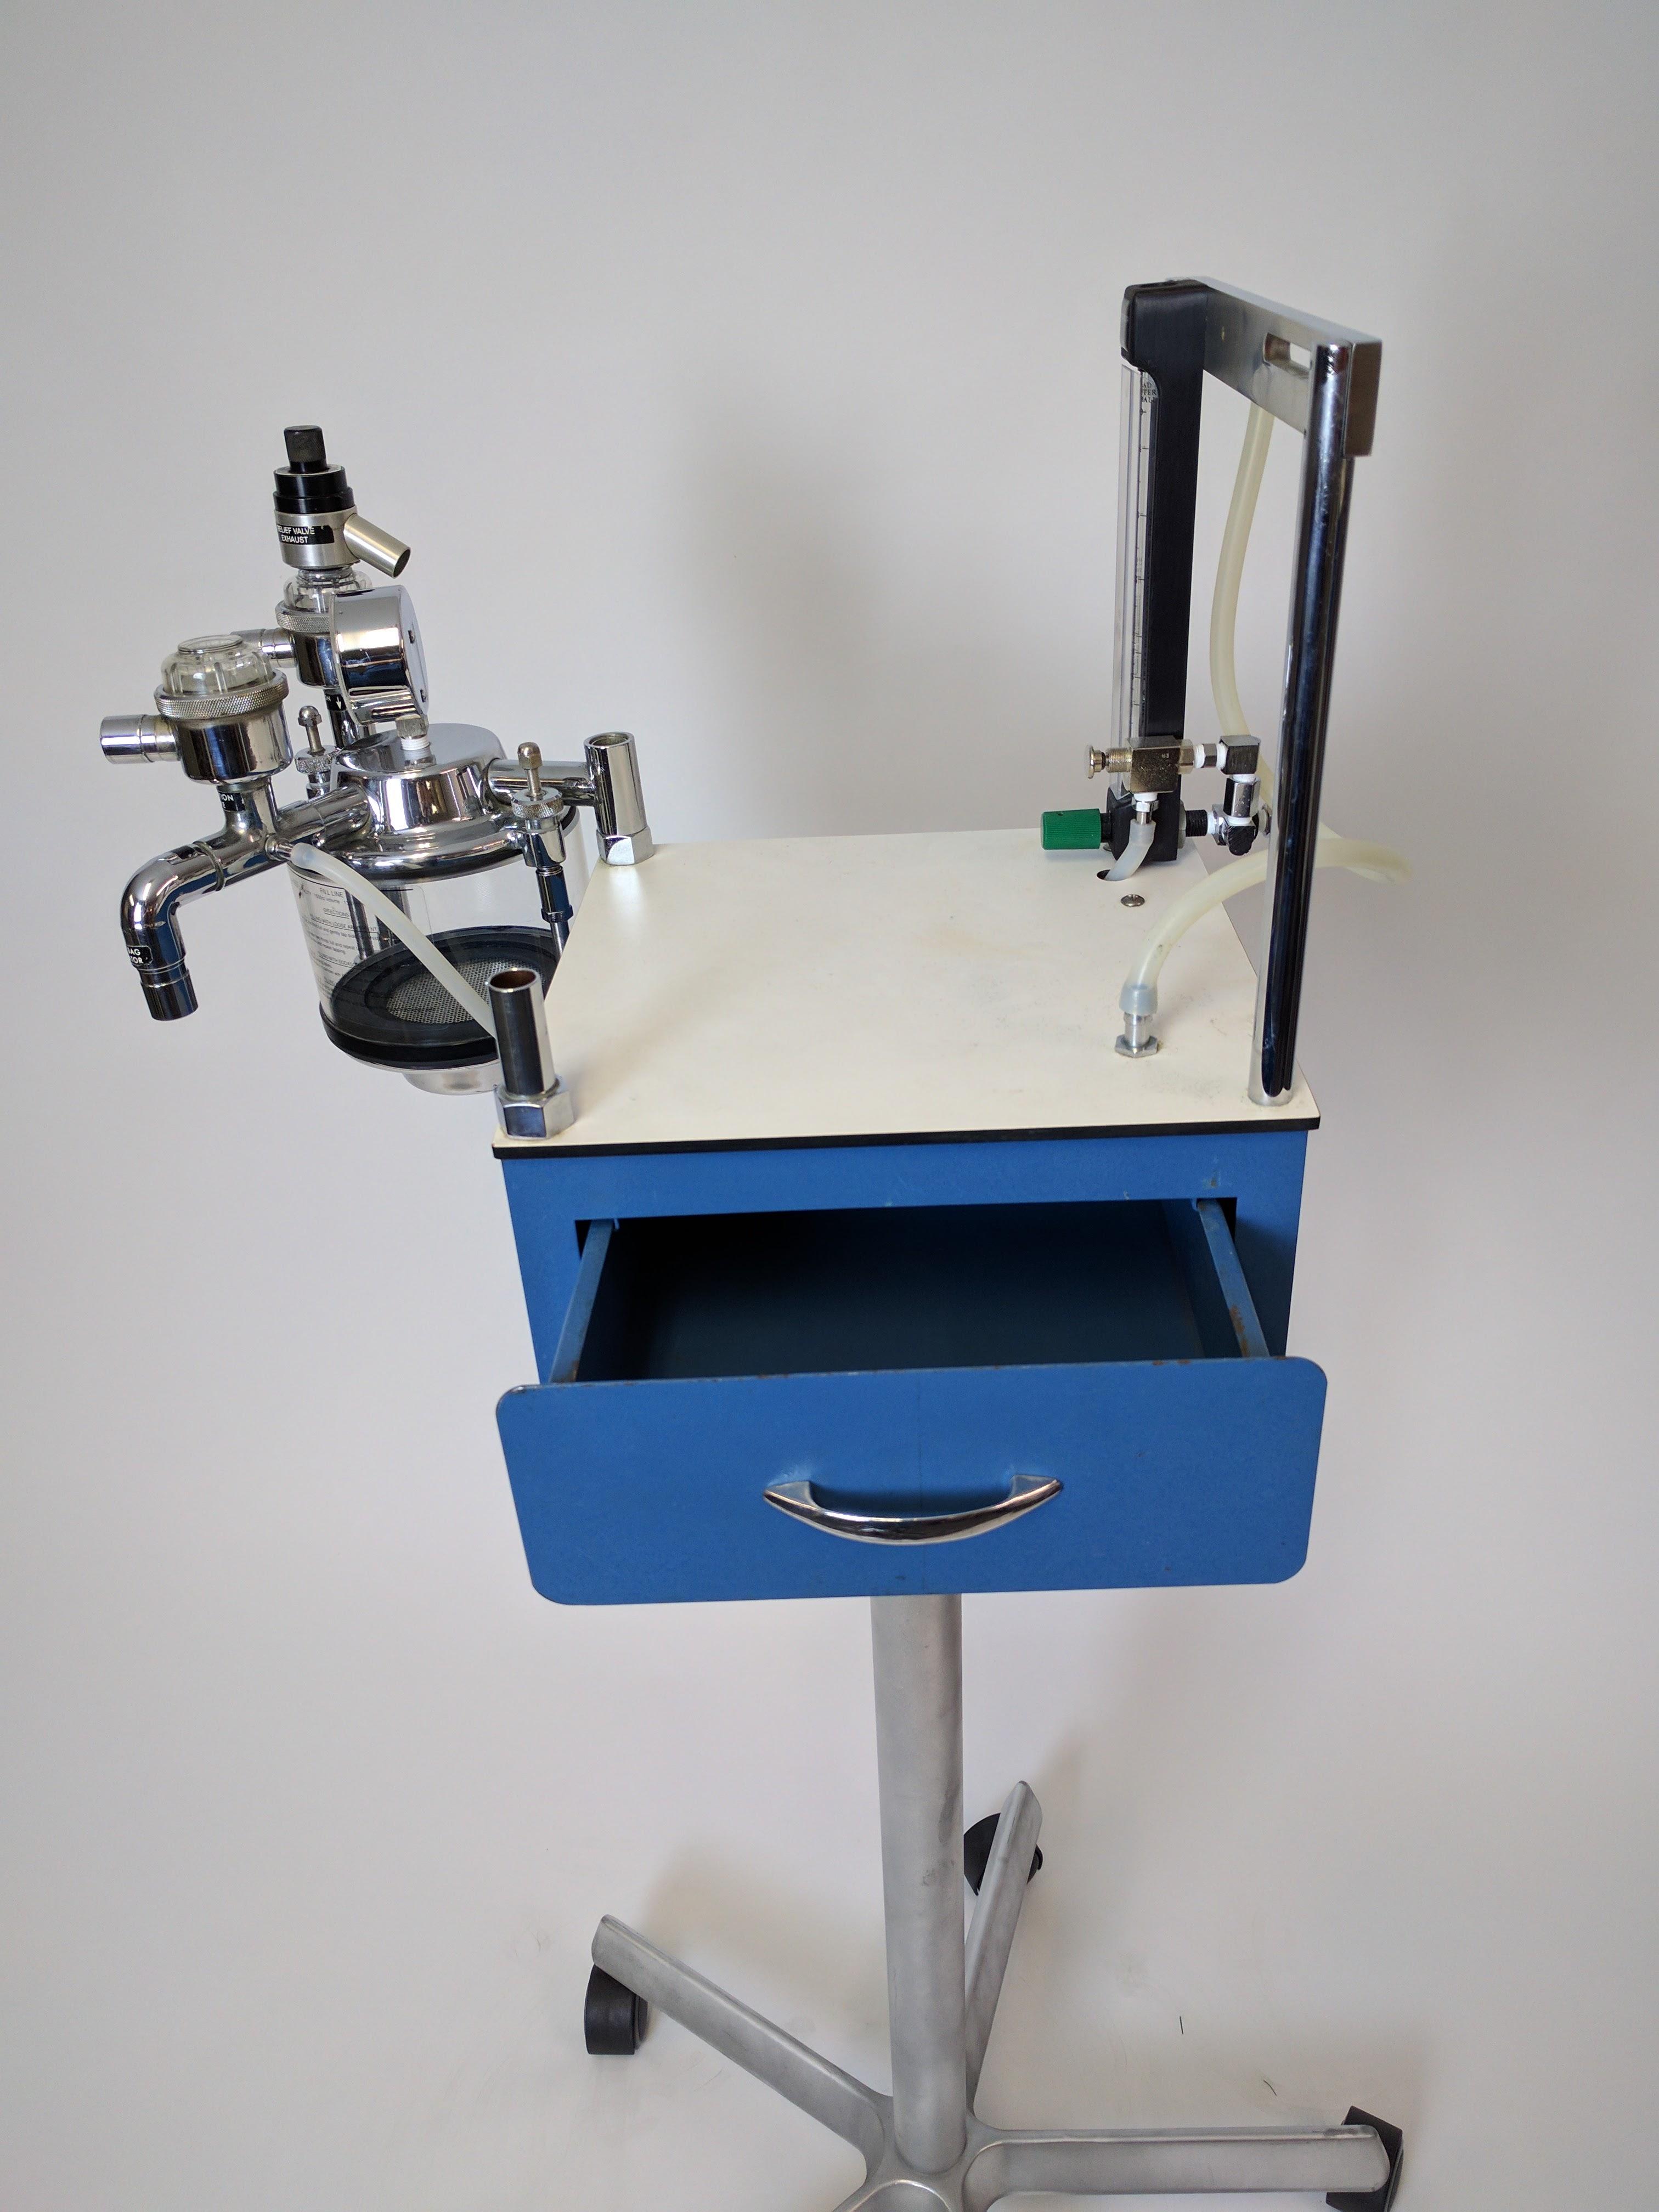 Matrx Spartan Vmc Gas Anesthesia Machine Veen America